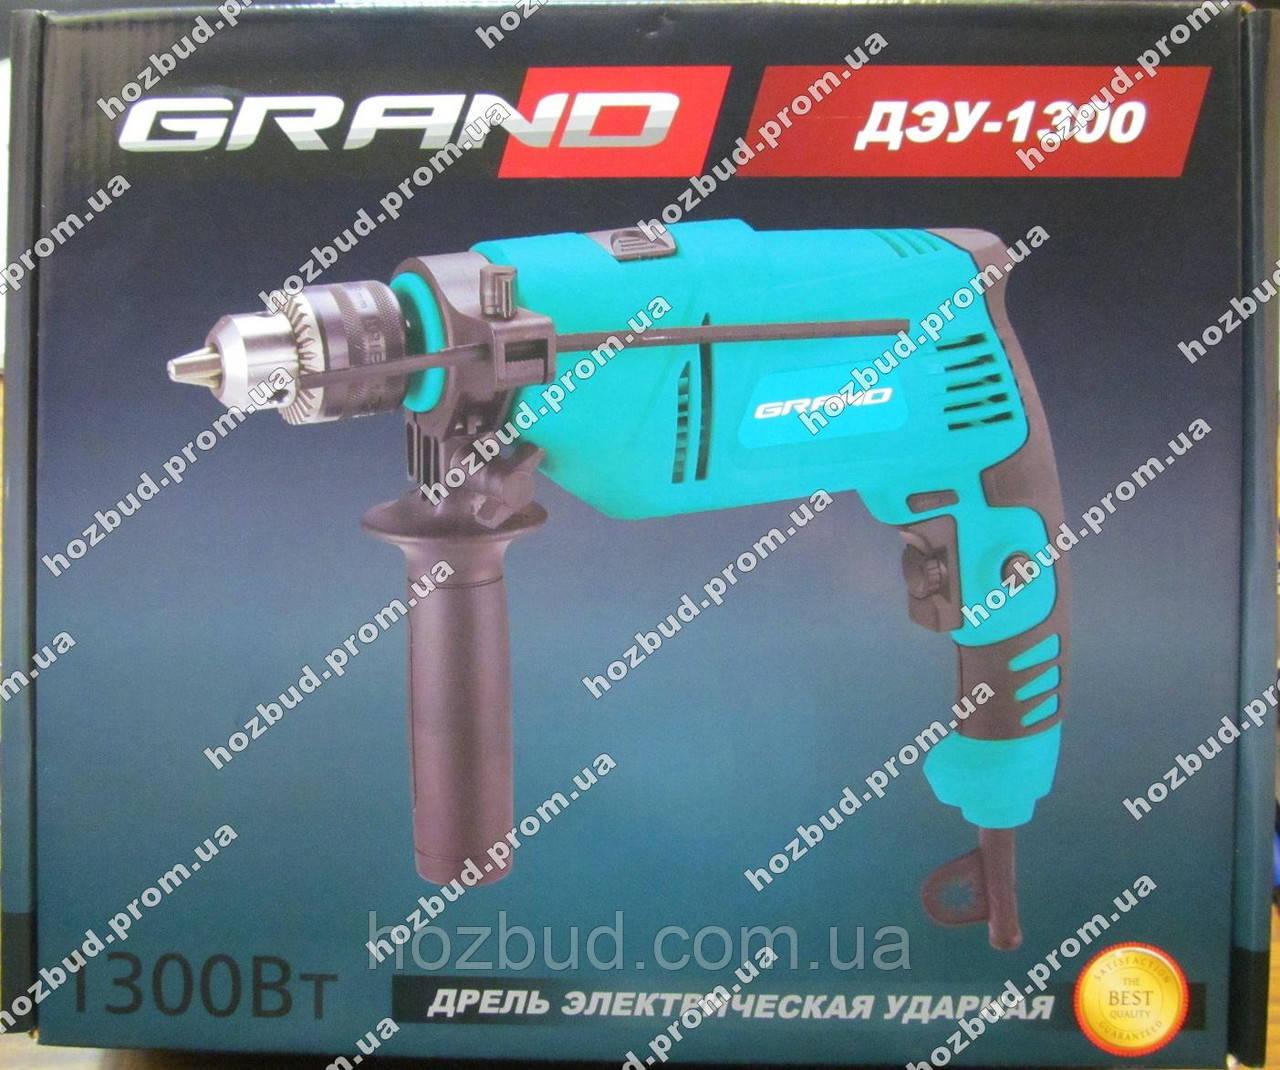 Дриль GRAND ДЕУ-1300